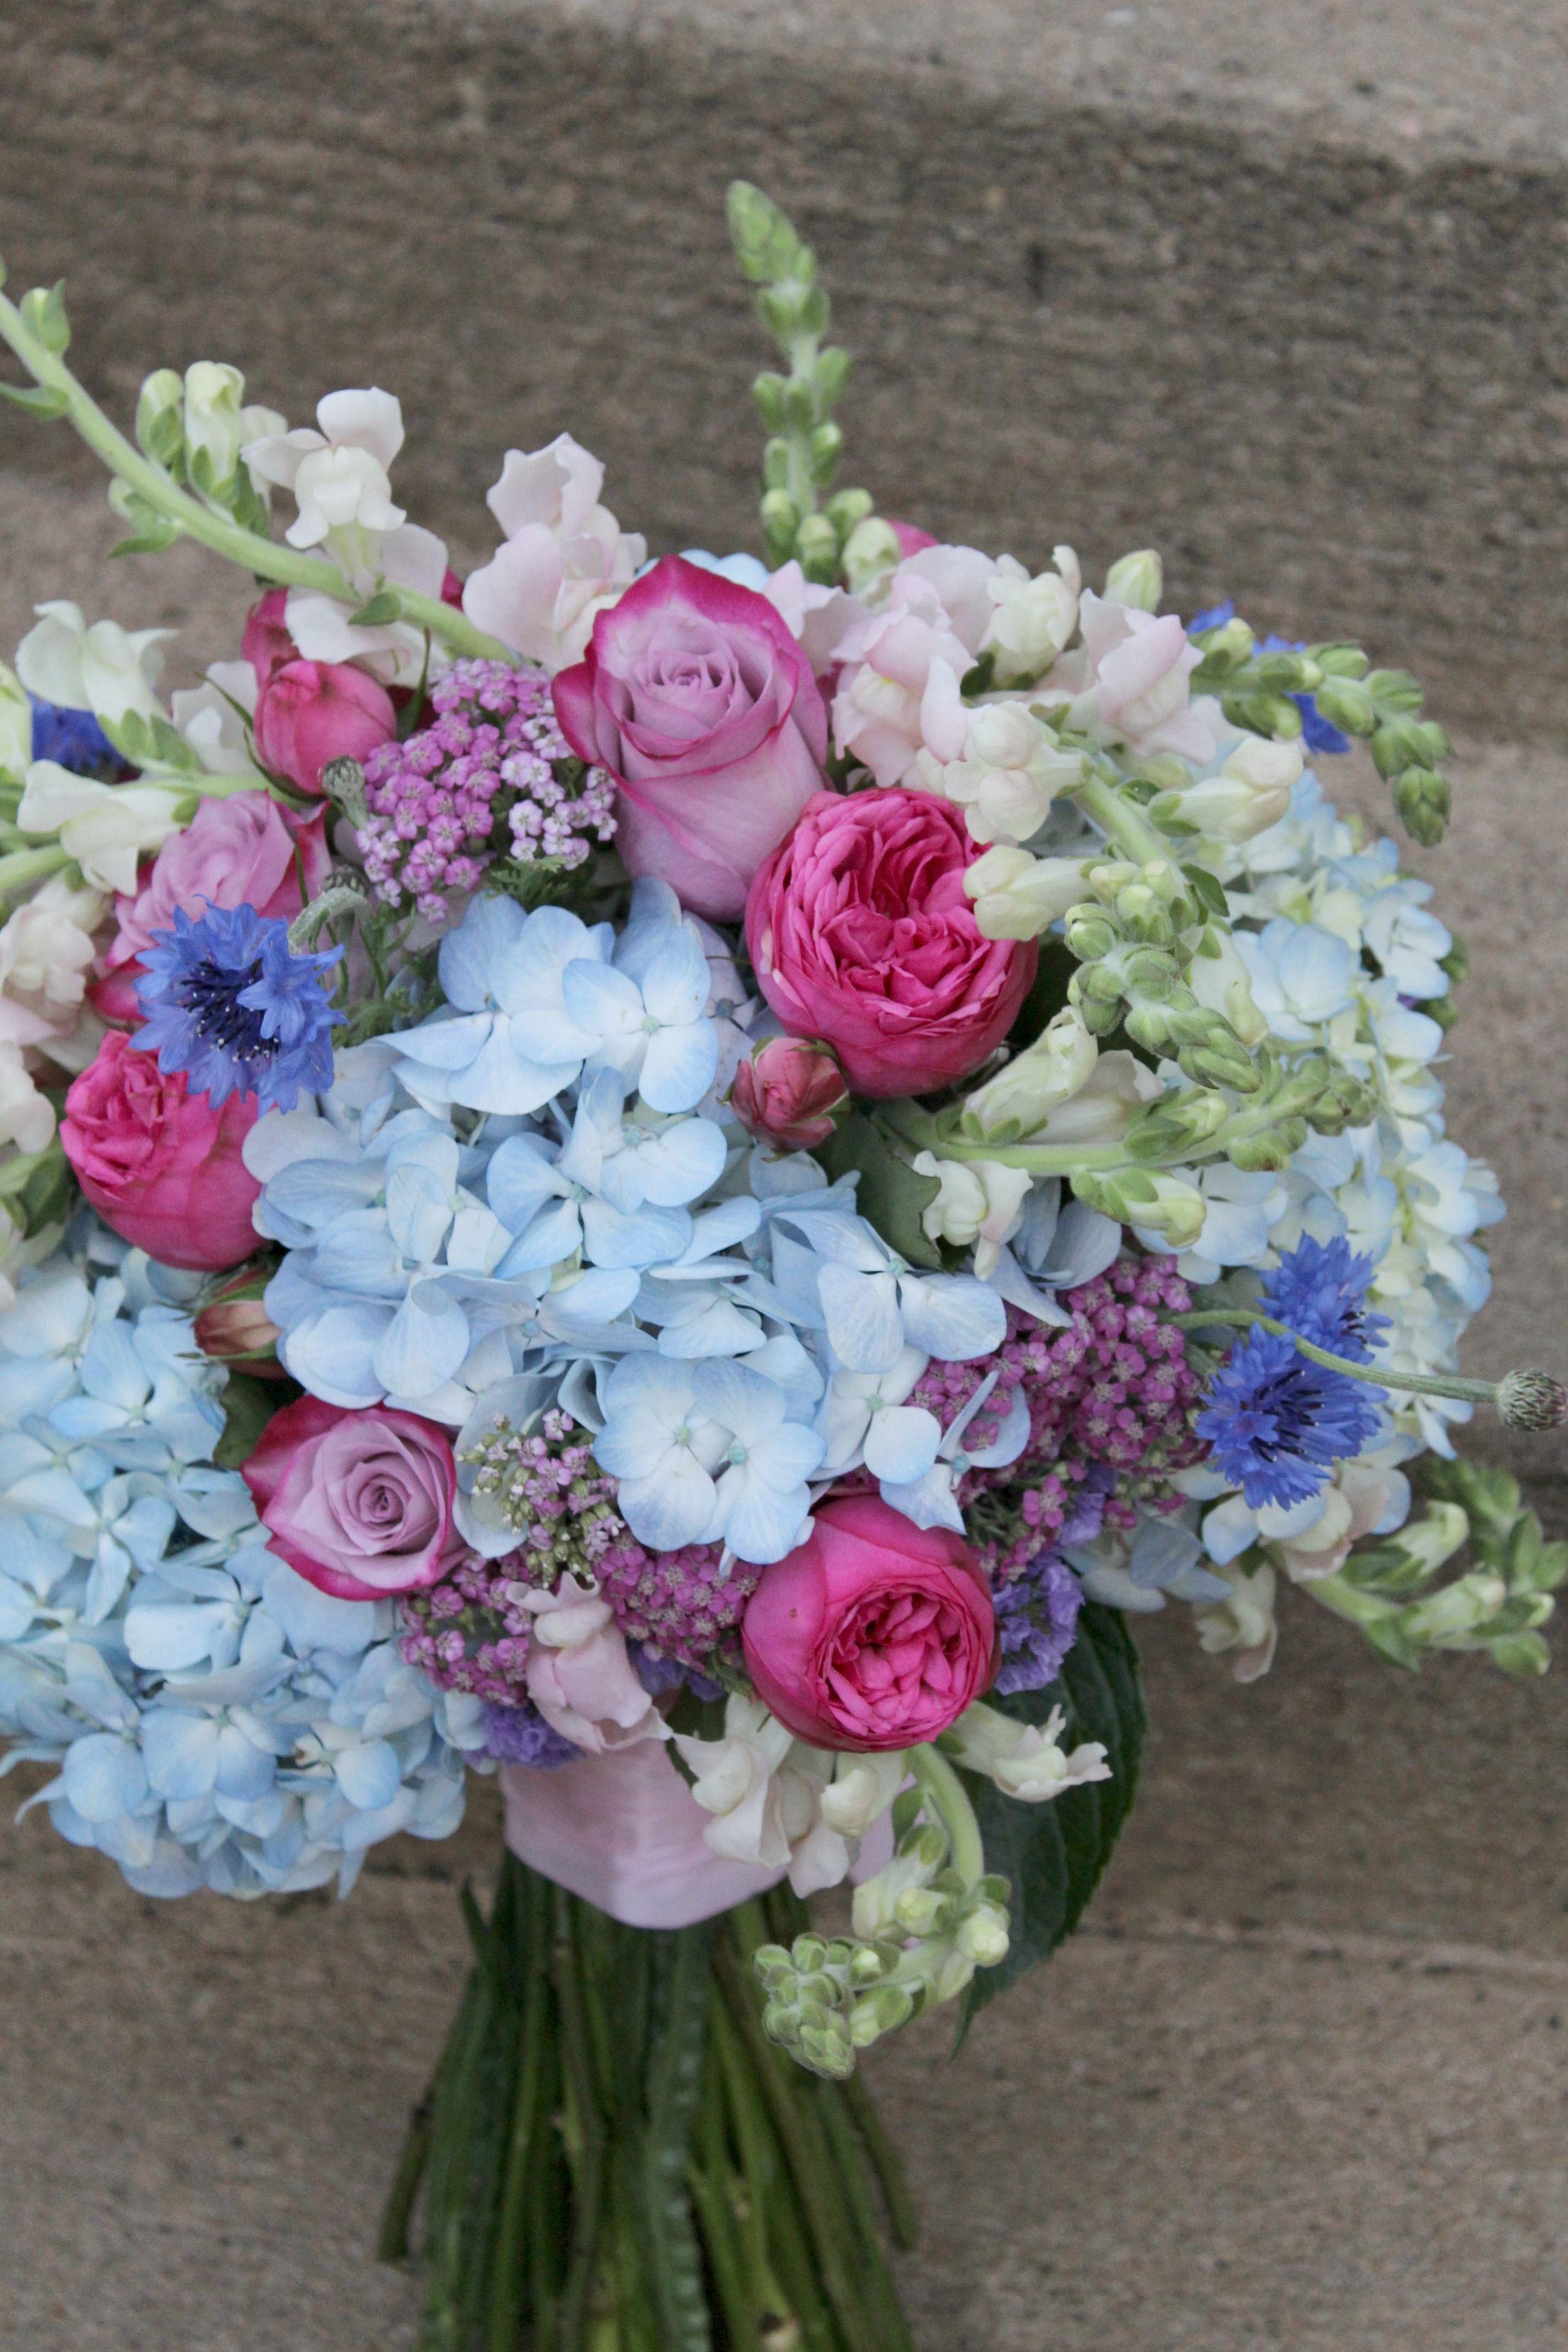 DARK & LIGHT BLUE ROSE HYDRANGEA BRIDES BOUQUET | Silk ... |Light Blue Hydrangea Bouquet